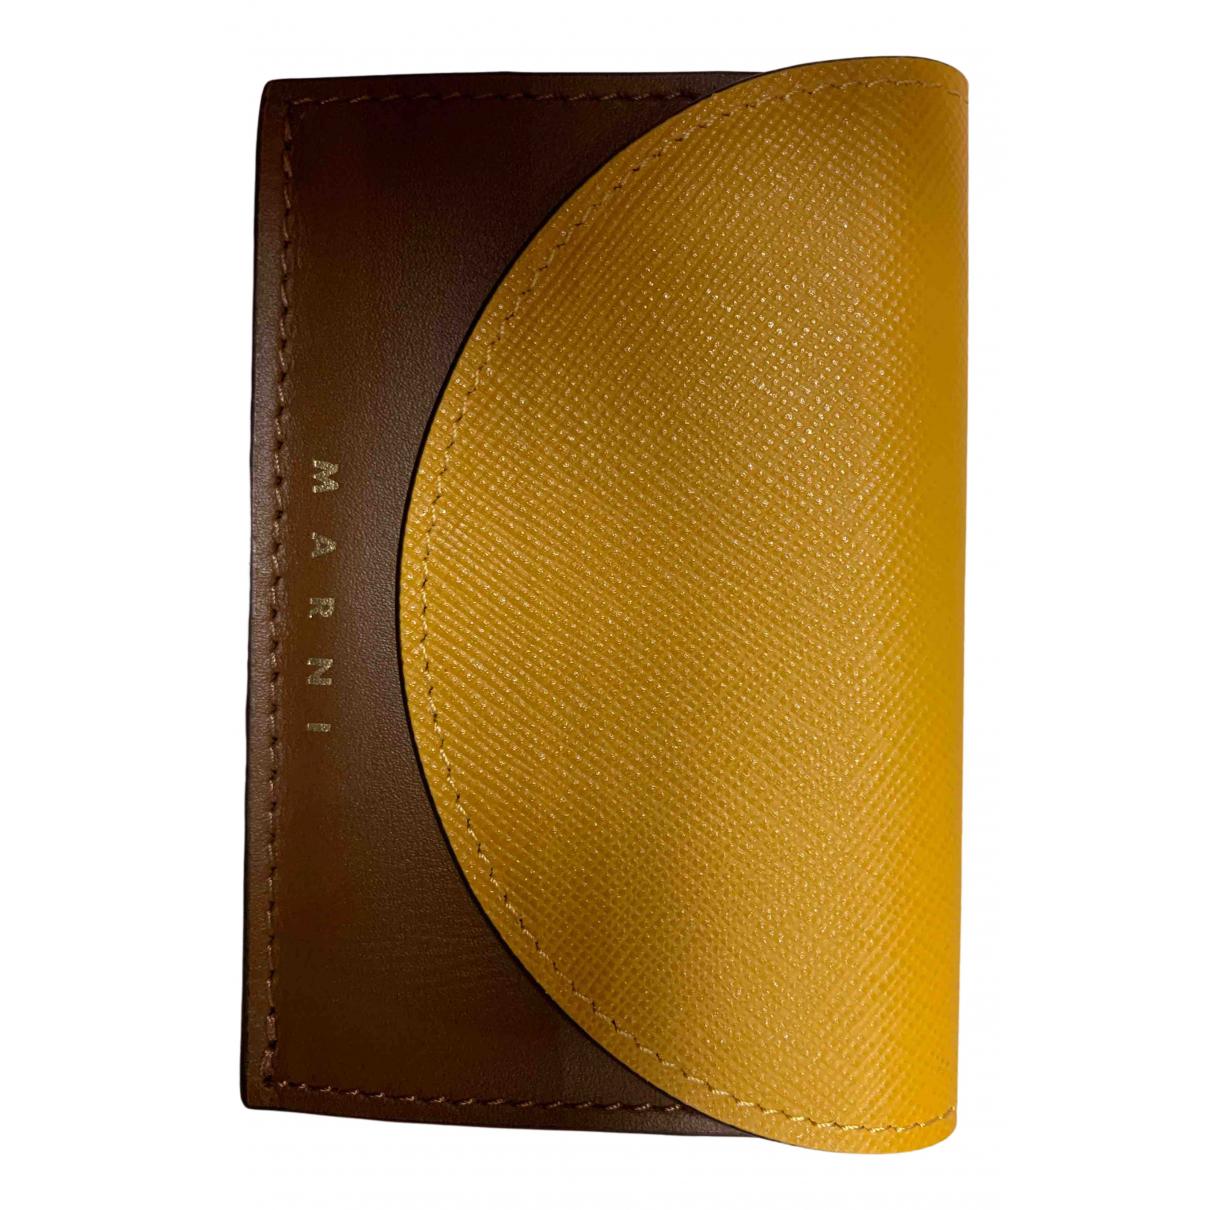 Marni - Portefeuille   pour femme en cuir - marron